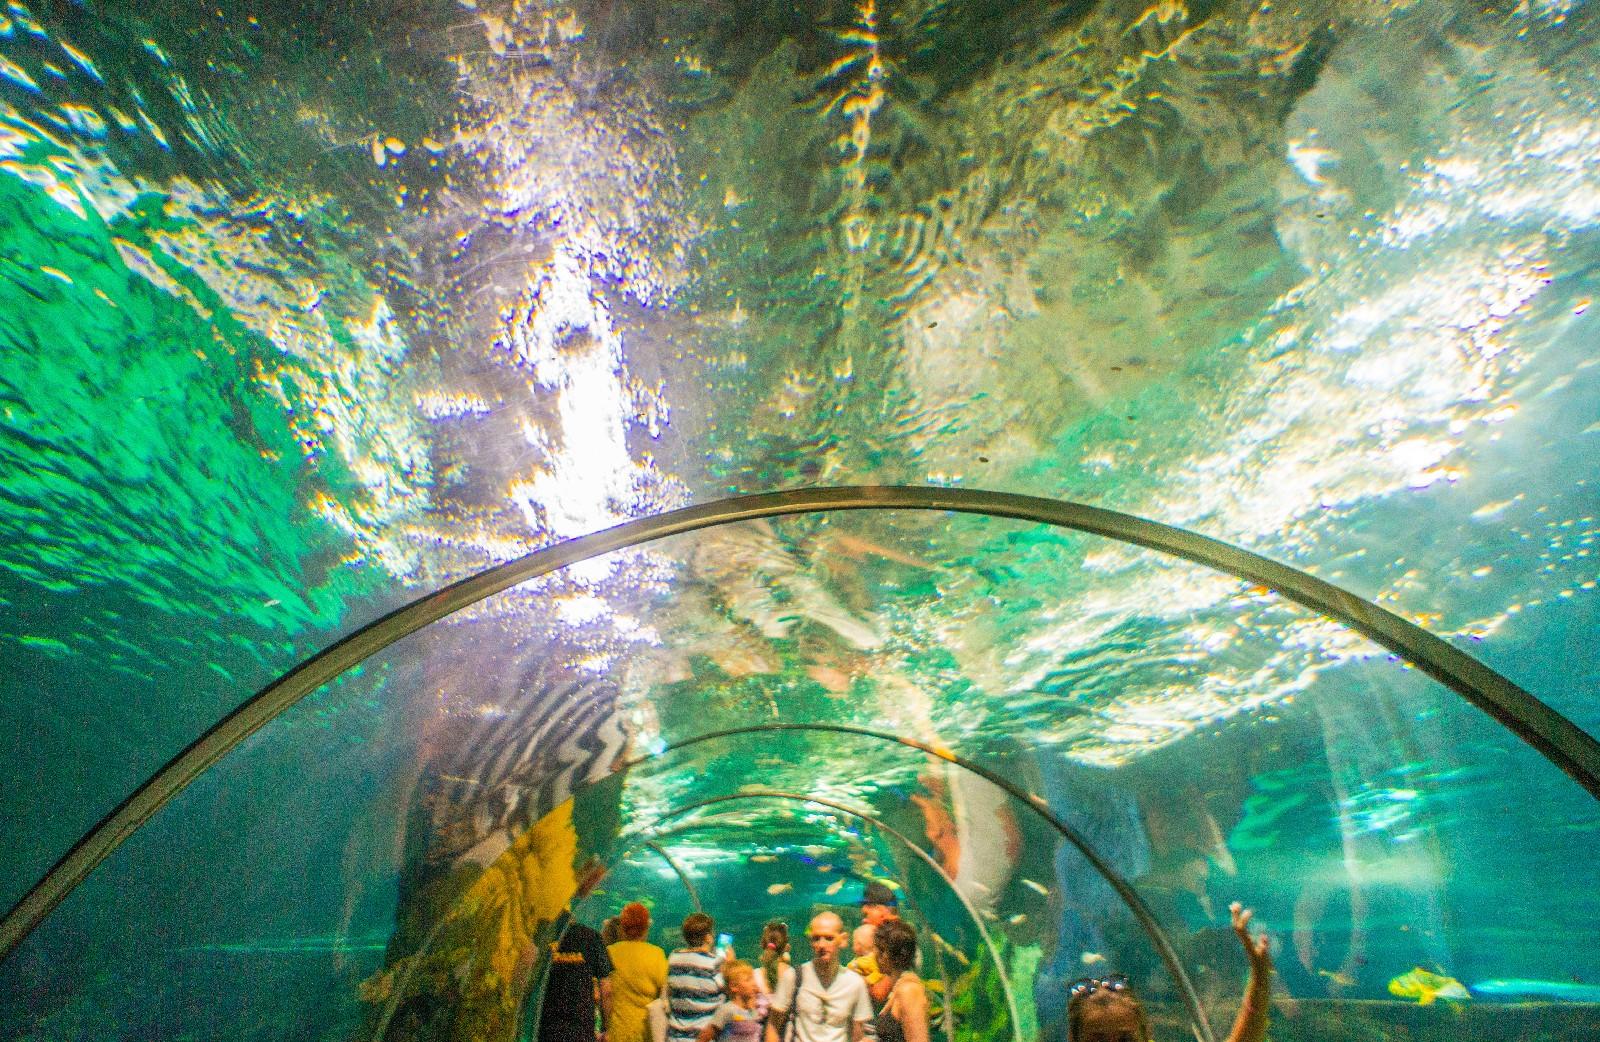 большой адлерский океанариум фото людей